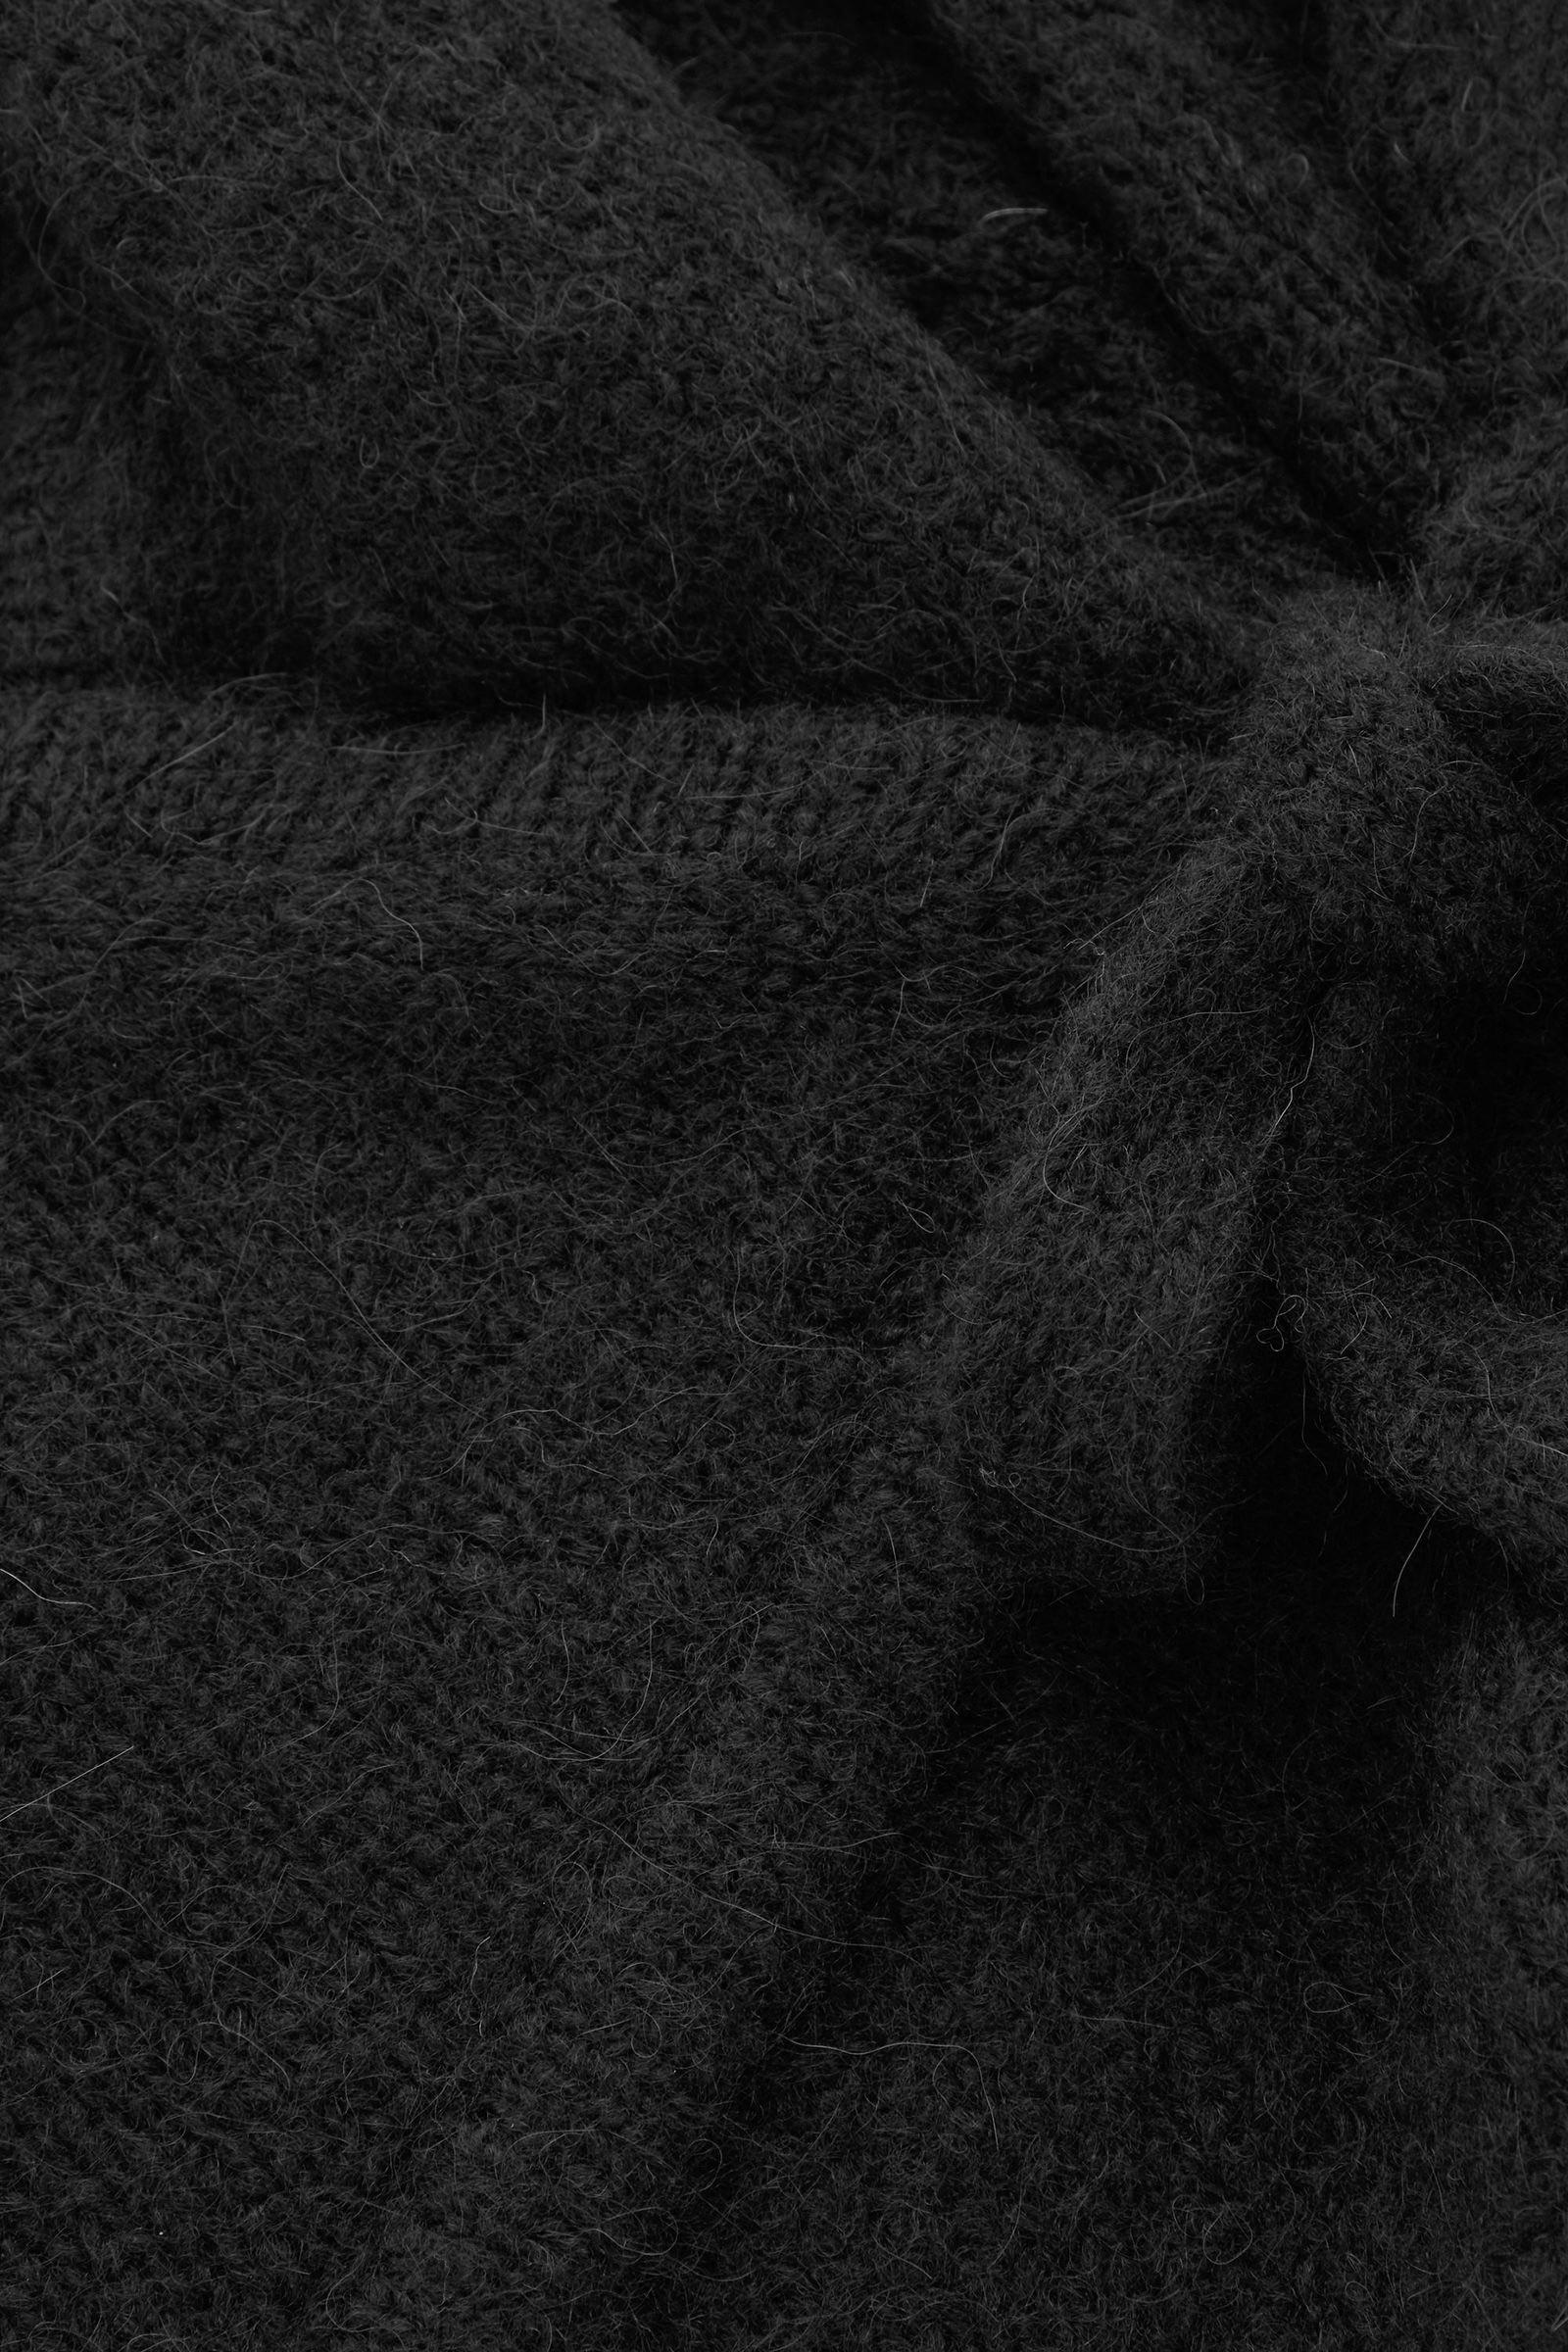 COS 울 알파카 랩 가디건의 네이비컬러 Detail입니다.